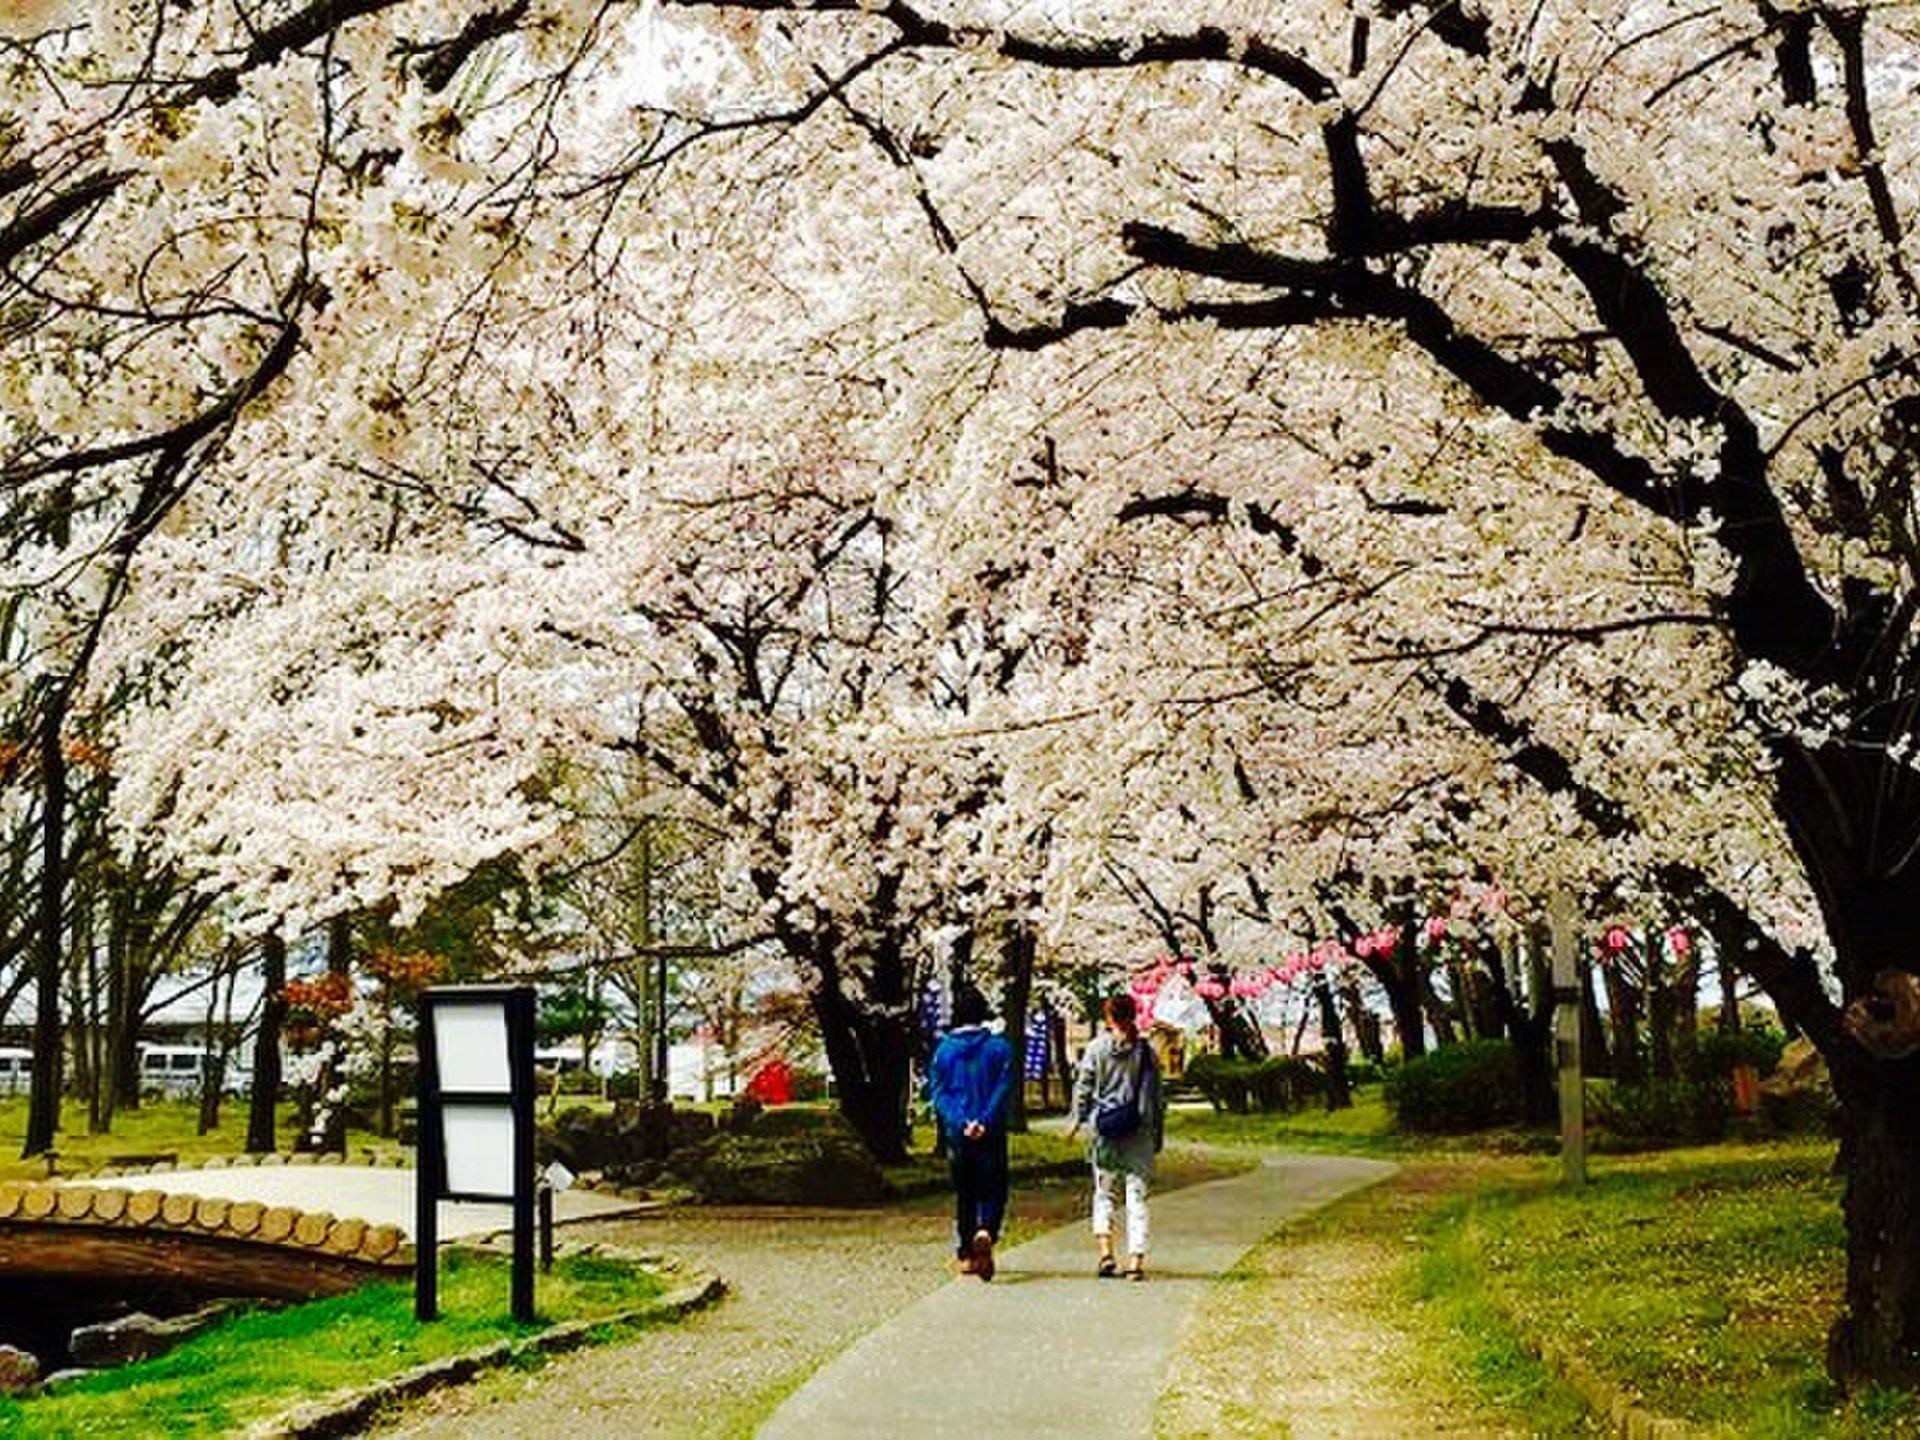 【今年の花見は決まった?】長野県で行きたいおすすめ花見スポット5選!